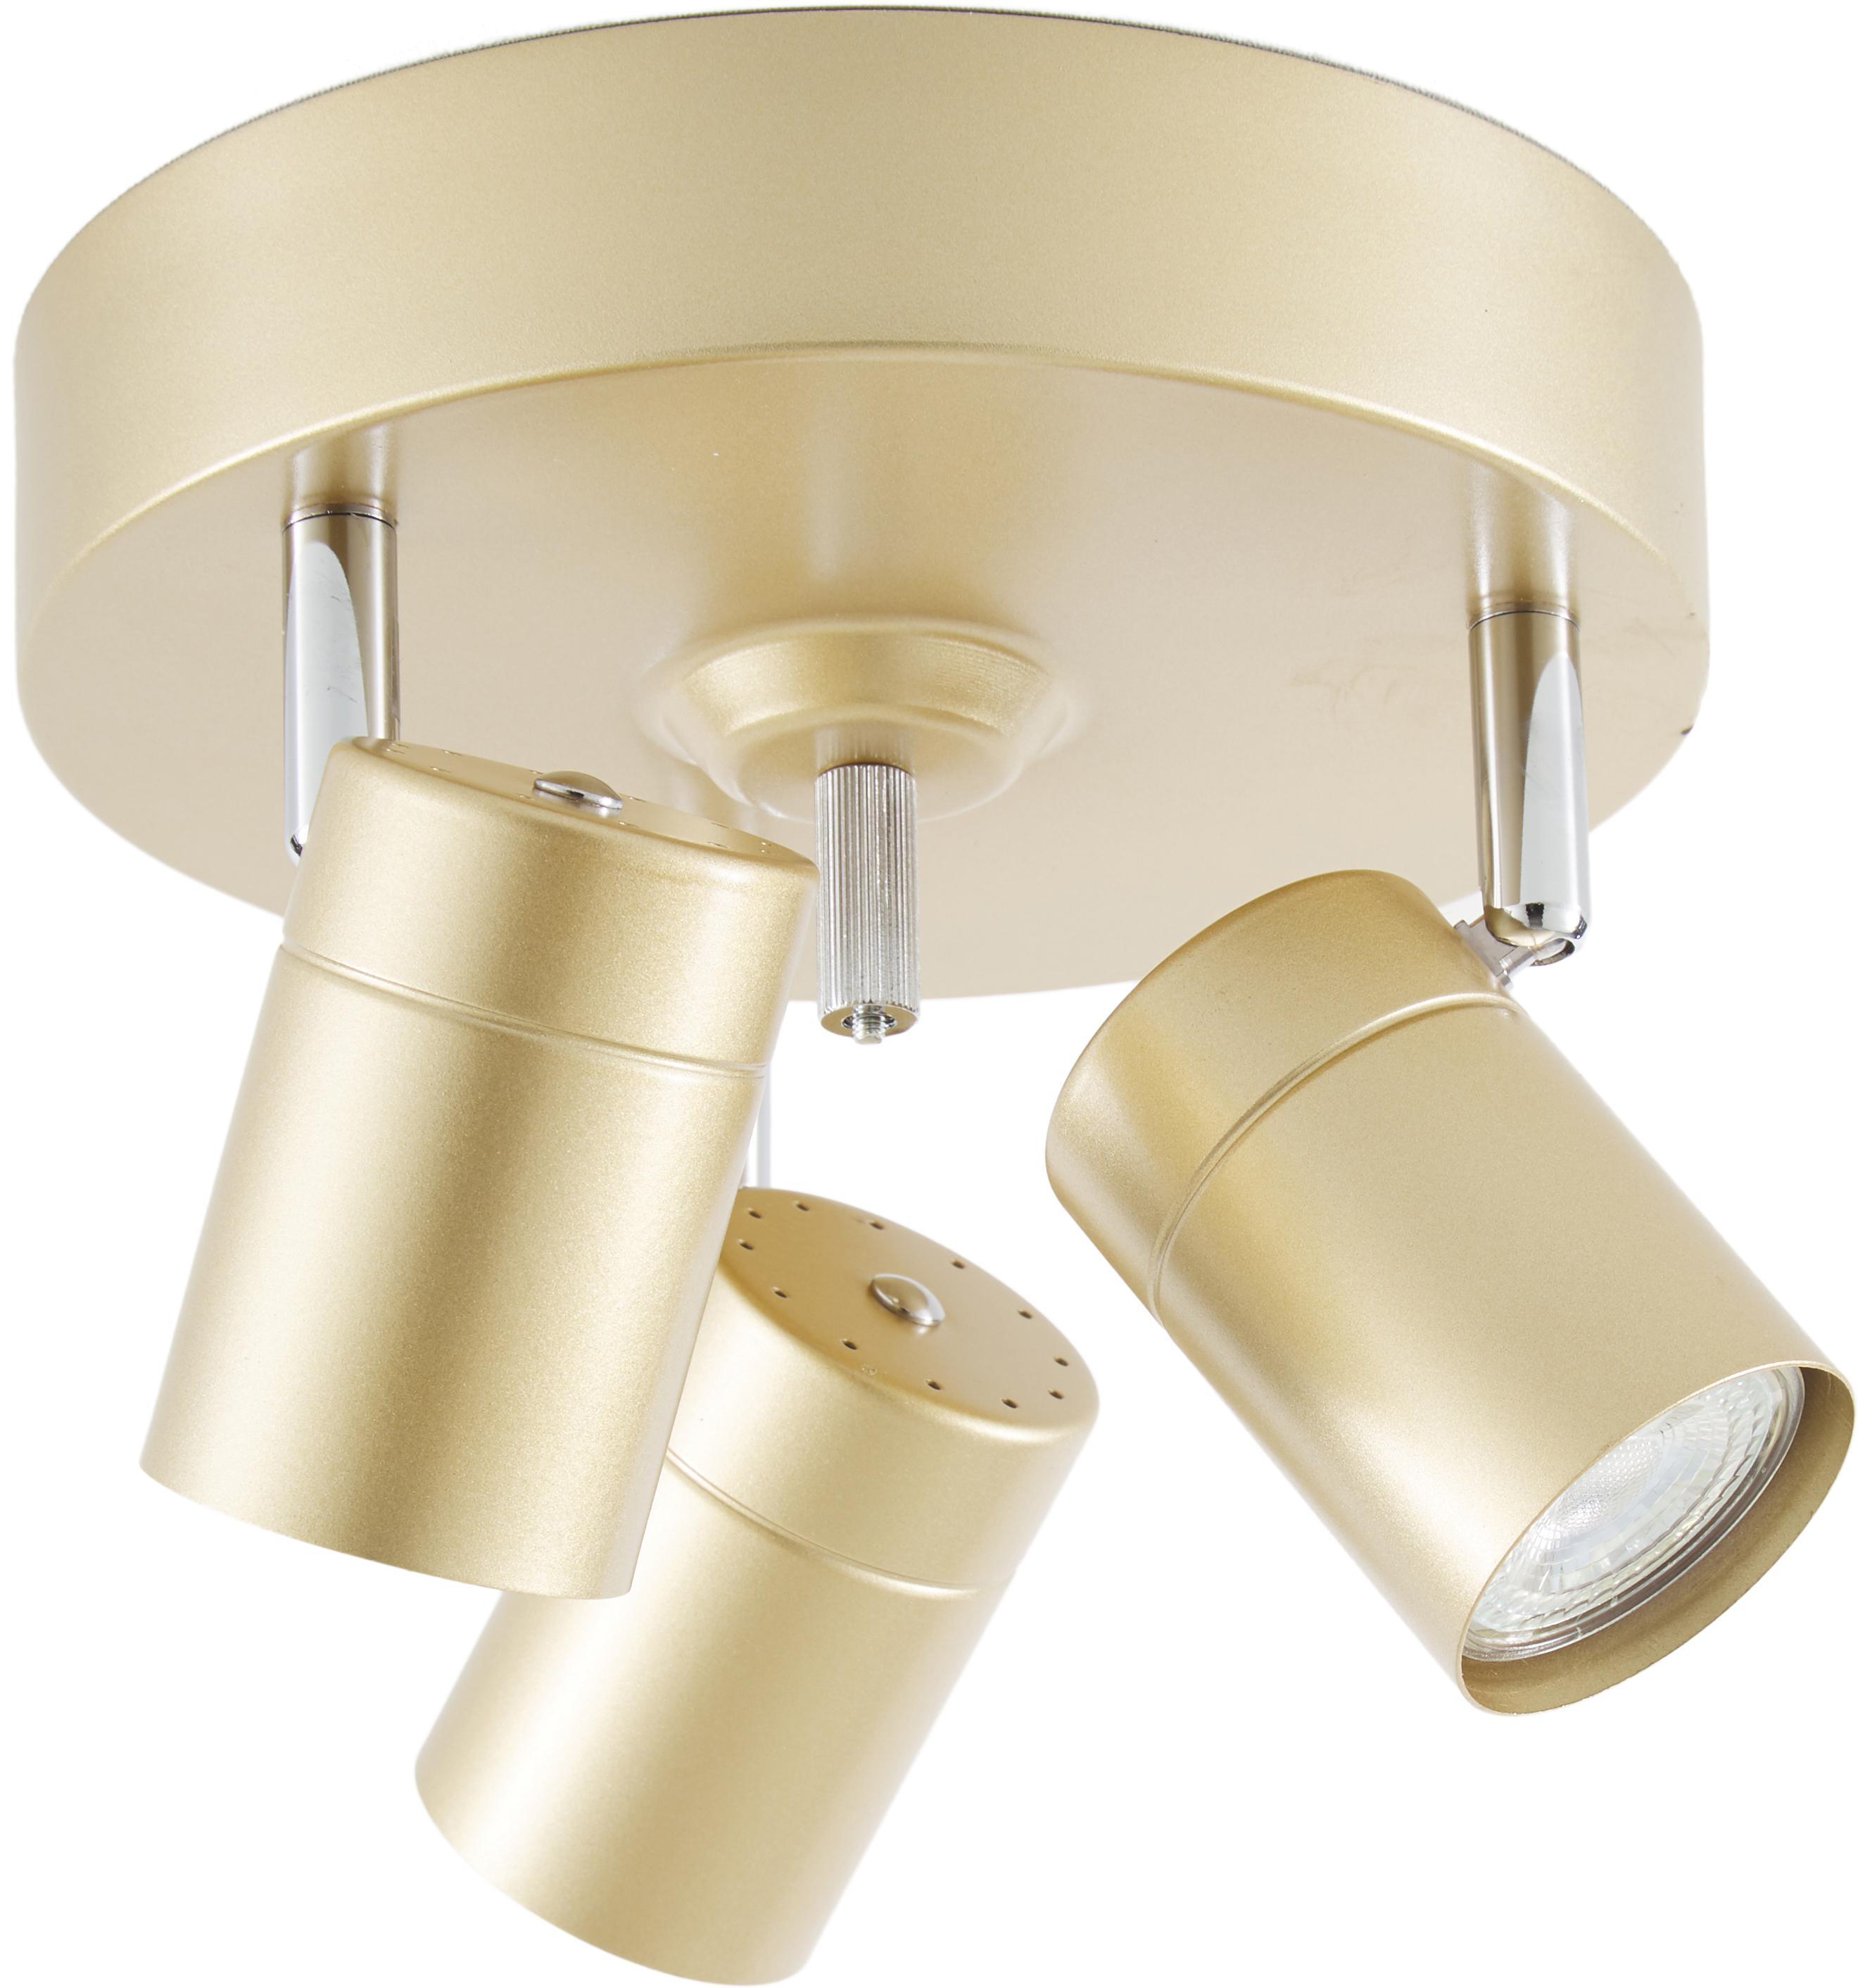 Deckenstrahler Correct, Lampenschirm: Metall, beschichtet, Gestell: Metall, beschichtet, Baldachin: Metall, beschichtet, Goldfarben, Ø 20 x H 14 cm